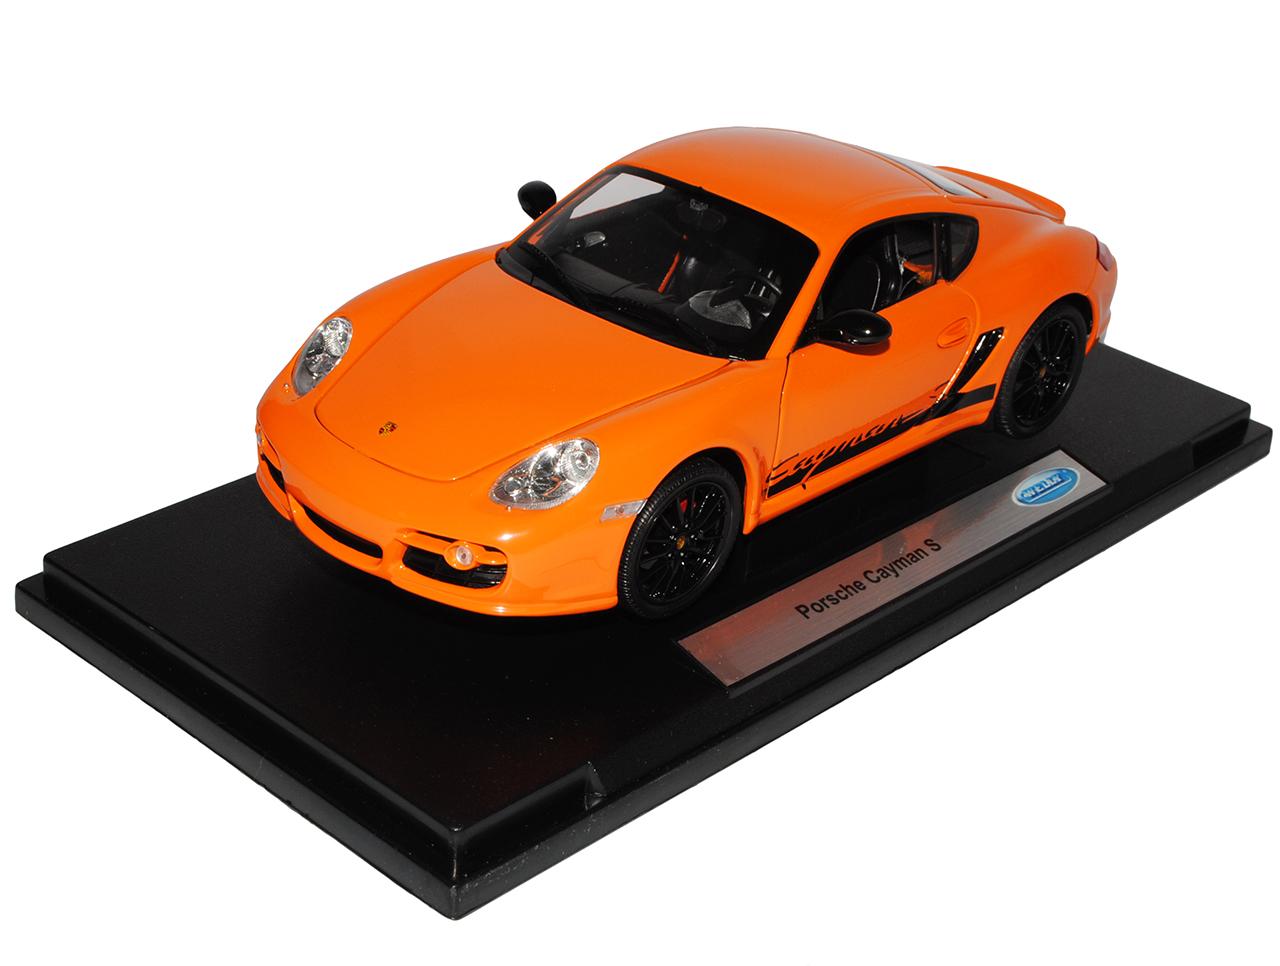 Porsche Cayman S 987C 987C 987C orange mit black Coupe 2005-2013 1 18 Welly Modell Aut.. c81368